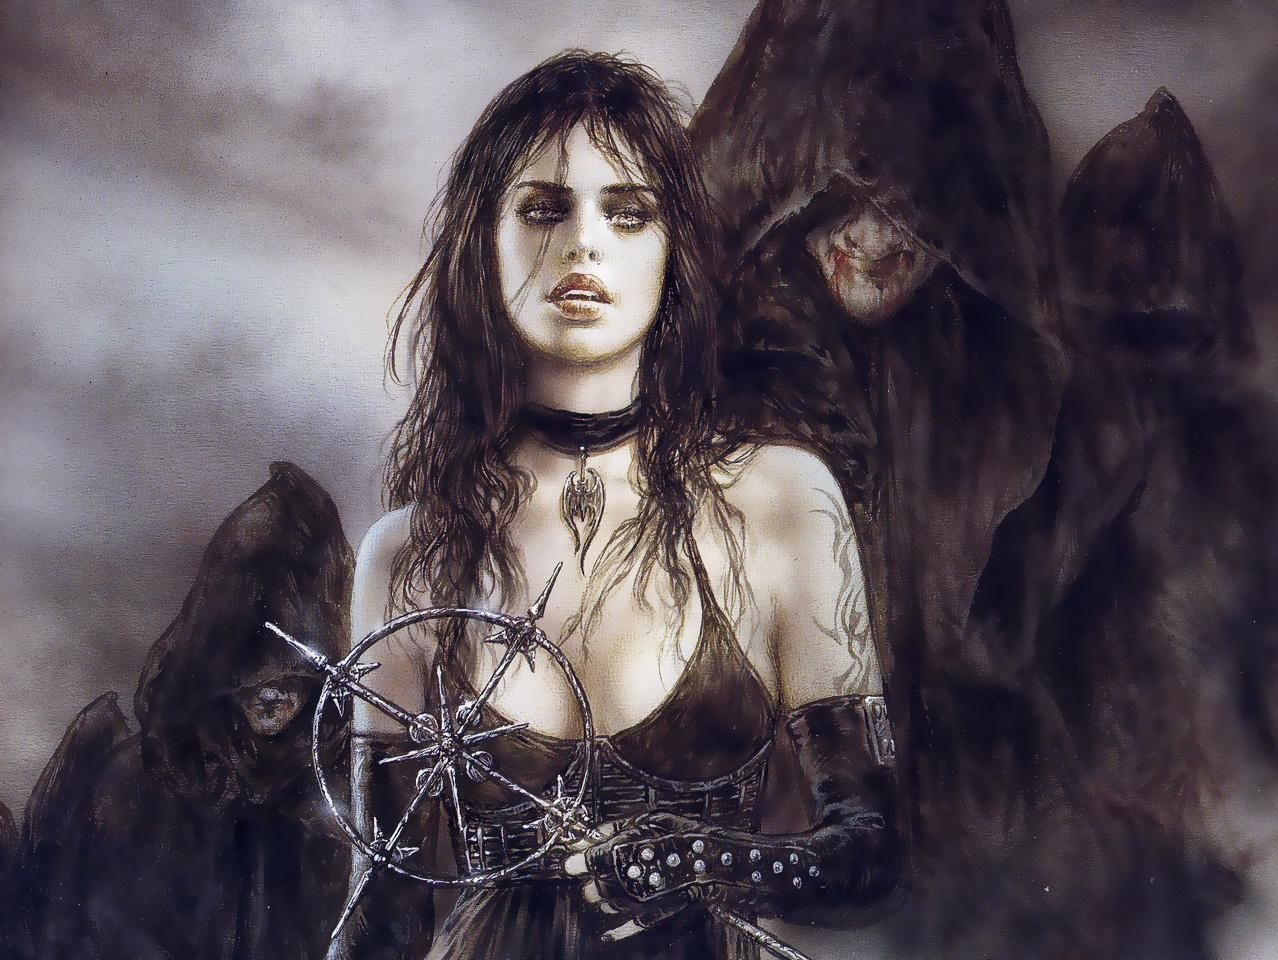 Resultado de imagen para medieval vampires